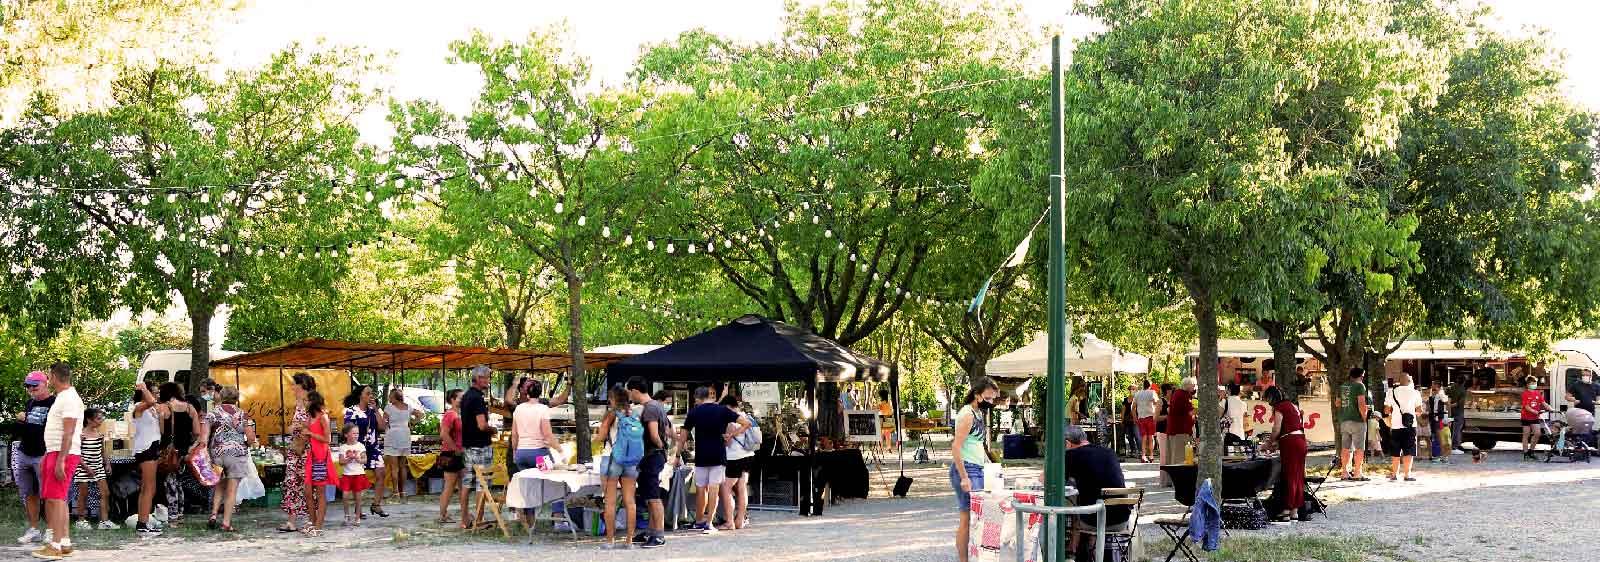 Au cœur du village d'Aspères, un marché hebdomadaire de producteurs bio locaux a vu le jour Mardi dernier